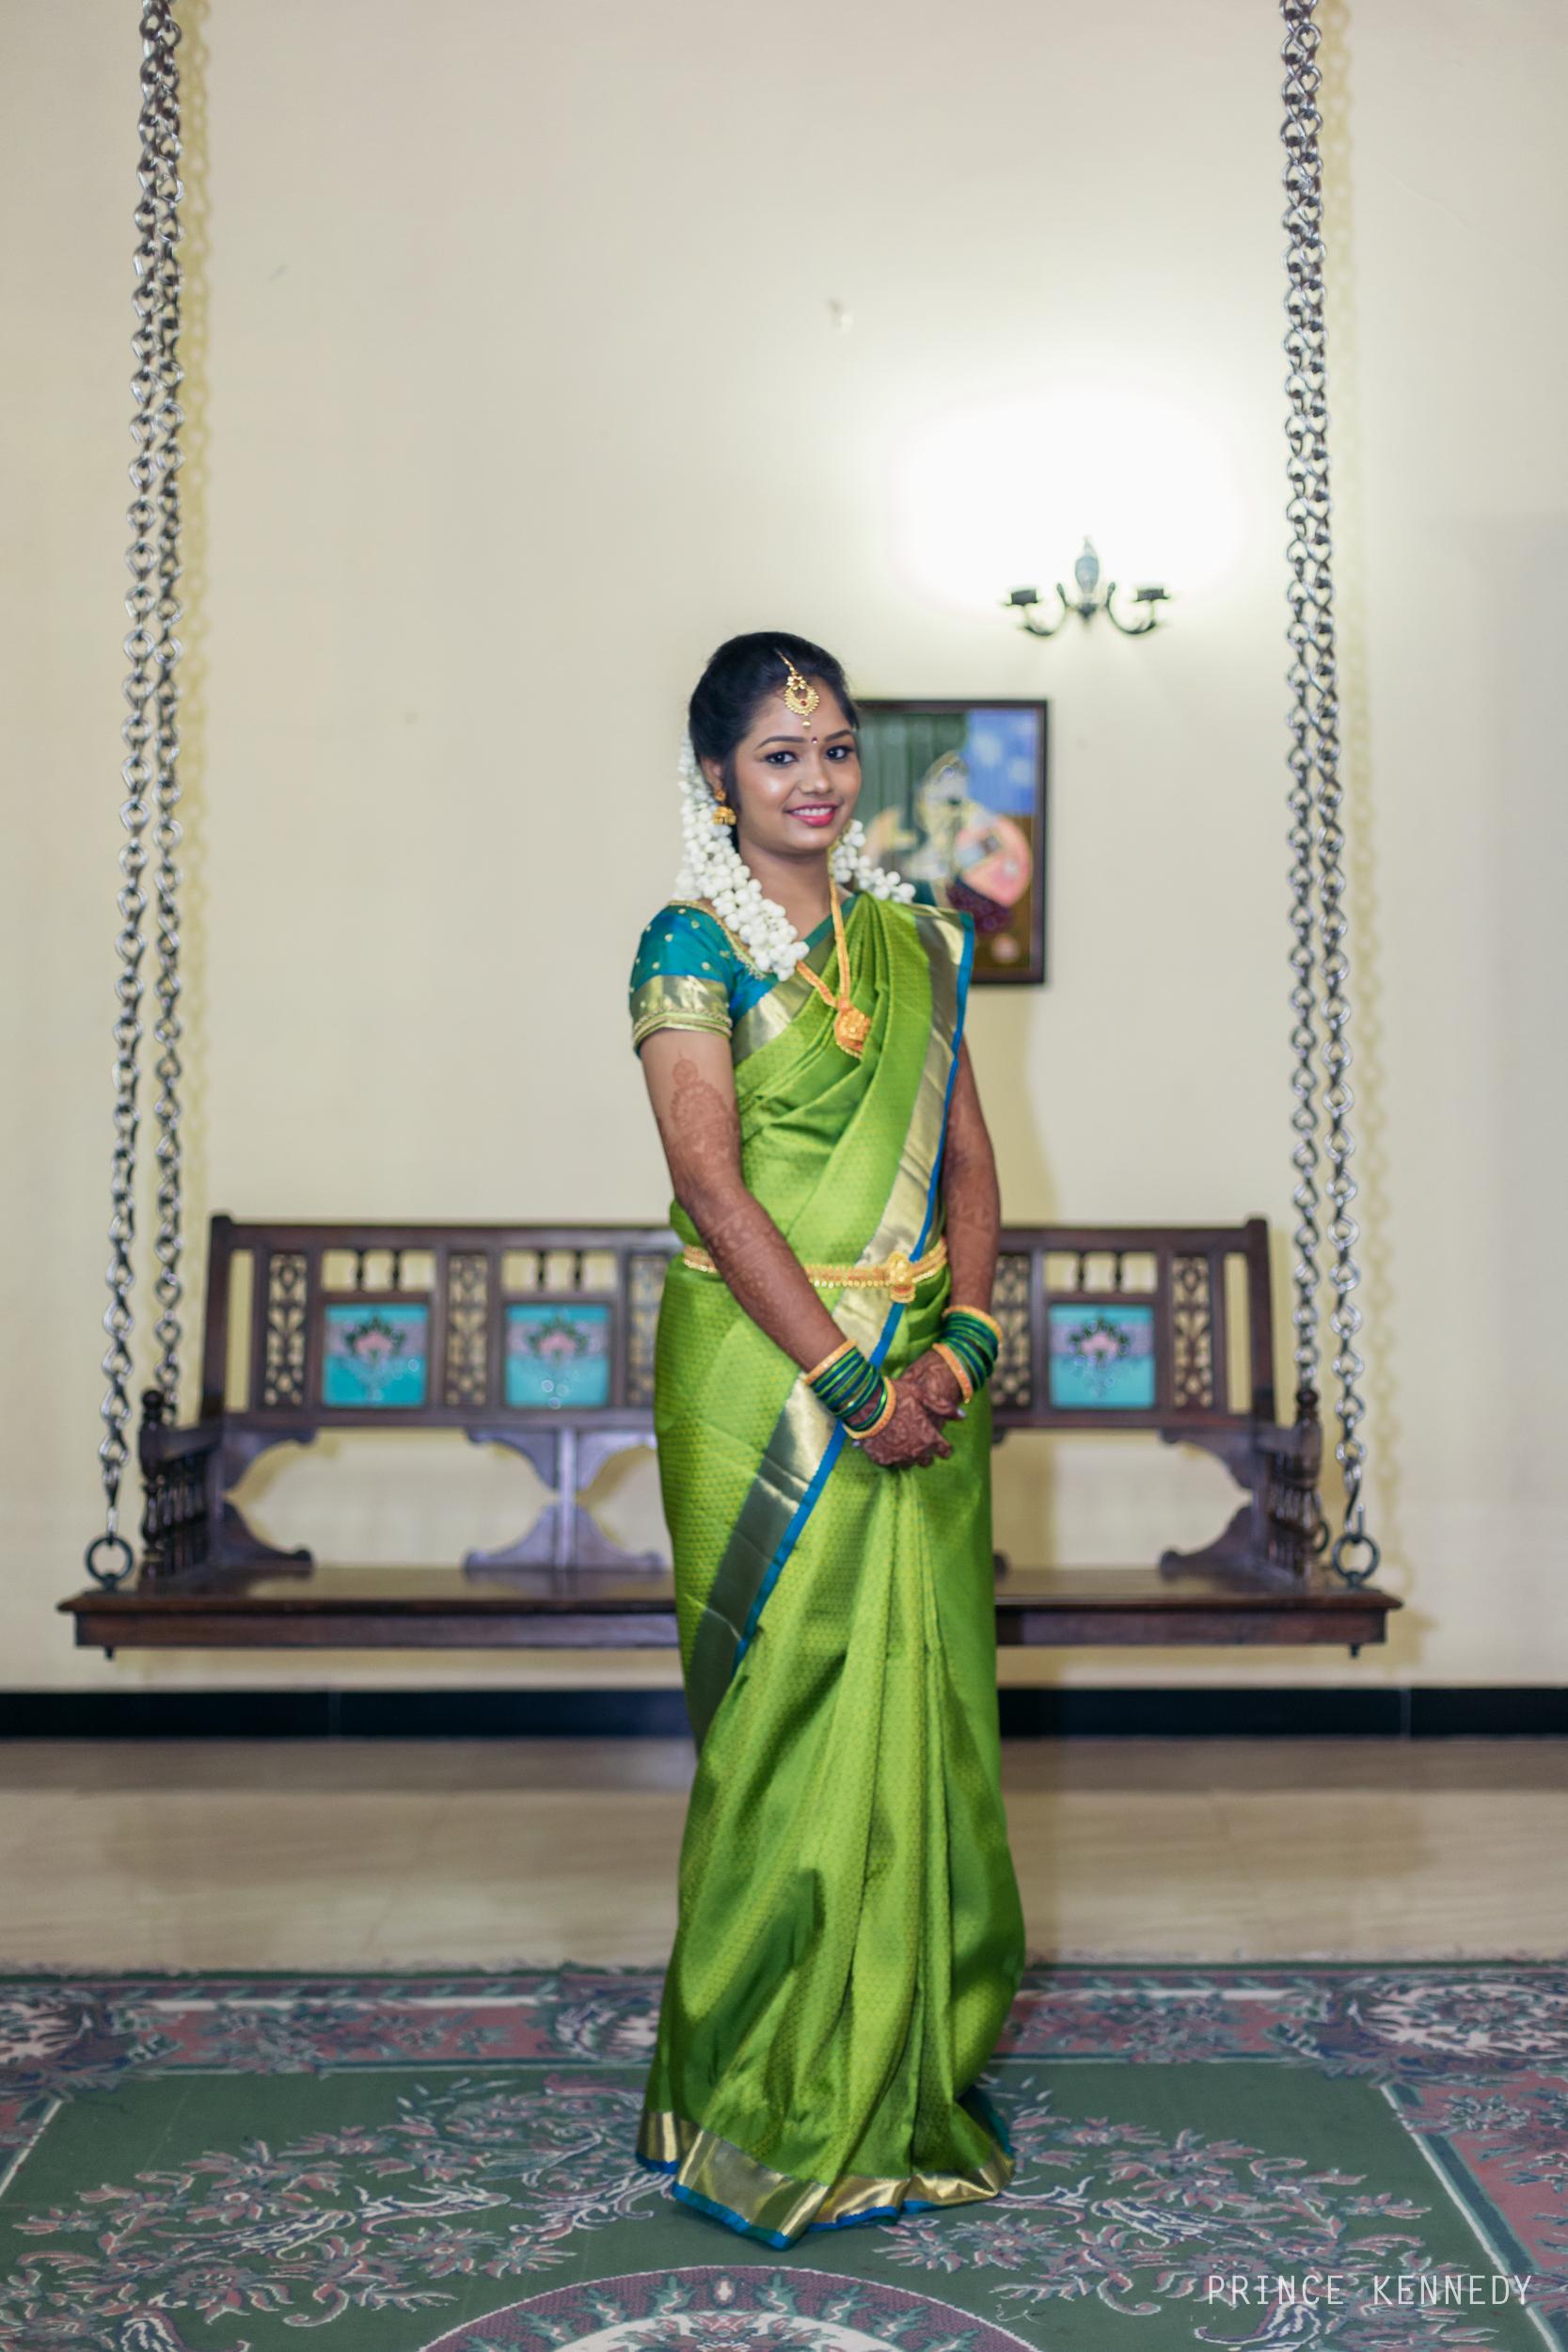 Engagement-Couple-Portrait-Portraiture-Wedding-Couple-Portrait-Chennai-Photographer-Candid-Photography-Destination-Best-Prince-Kennedy-Photography-188.jpg